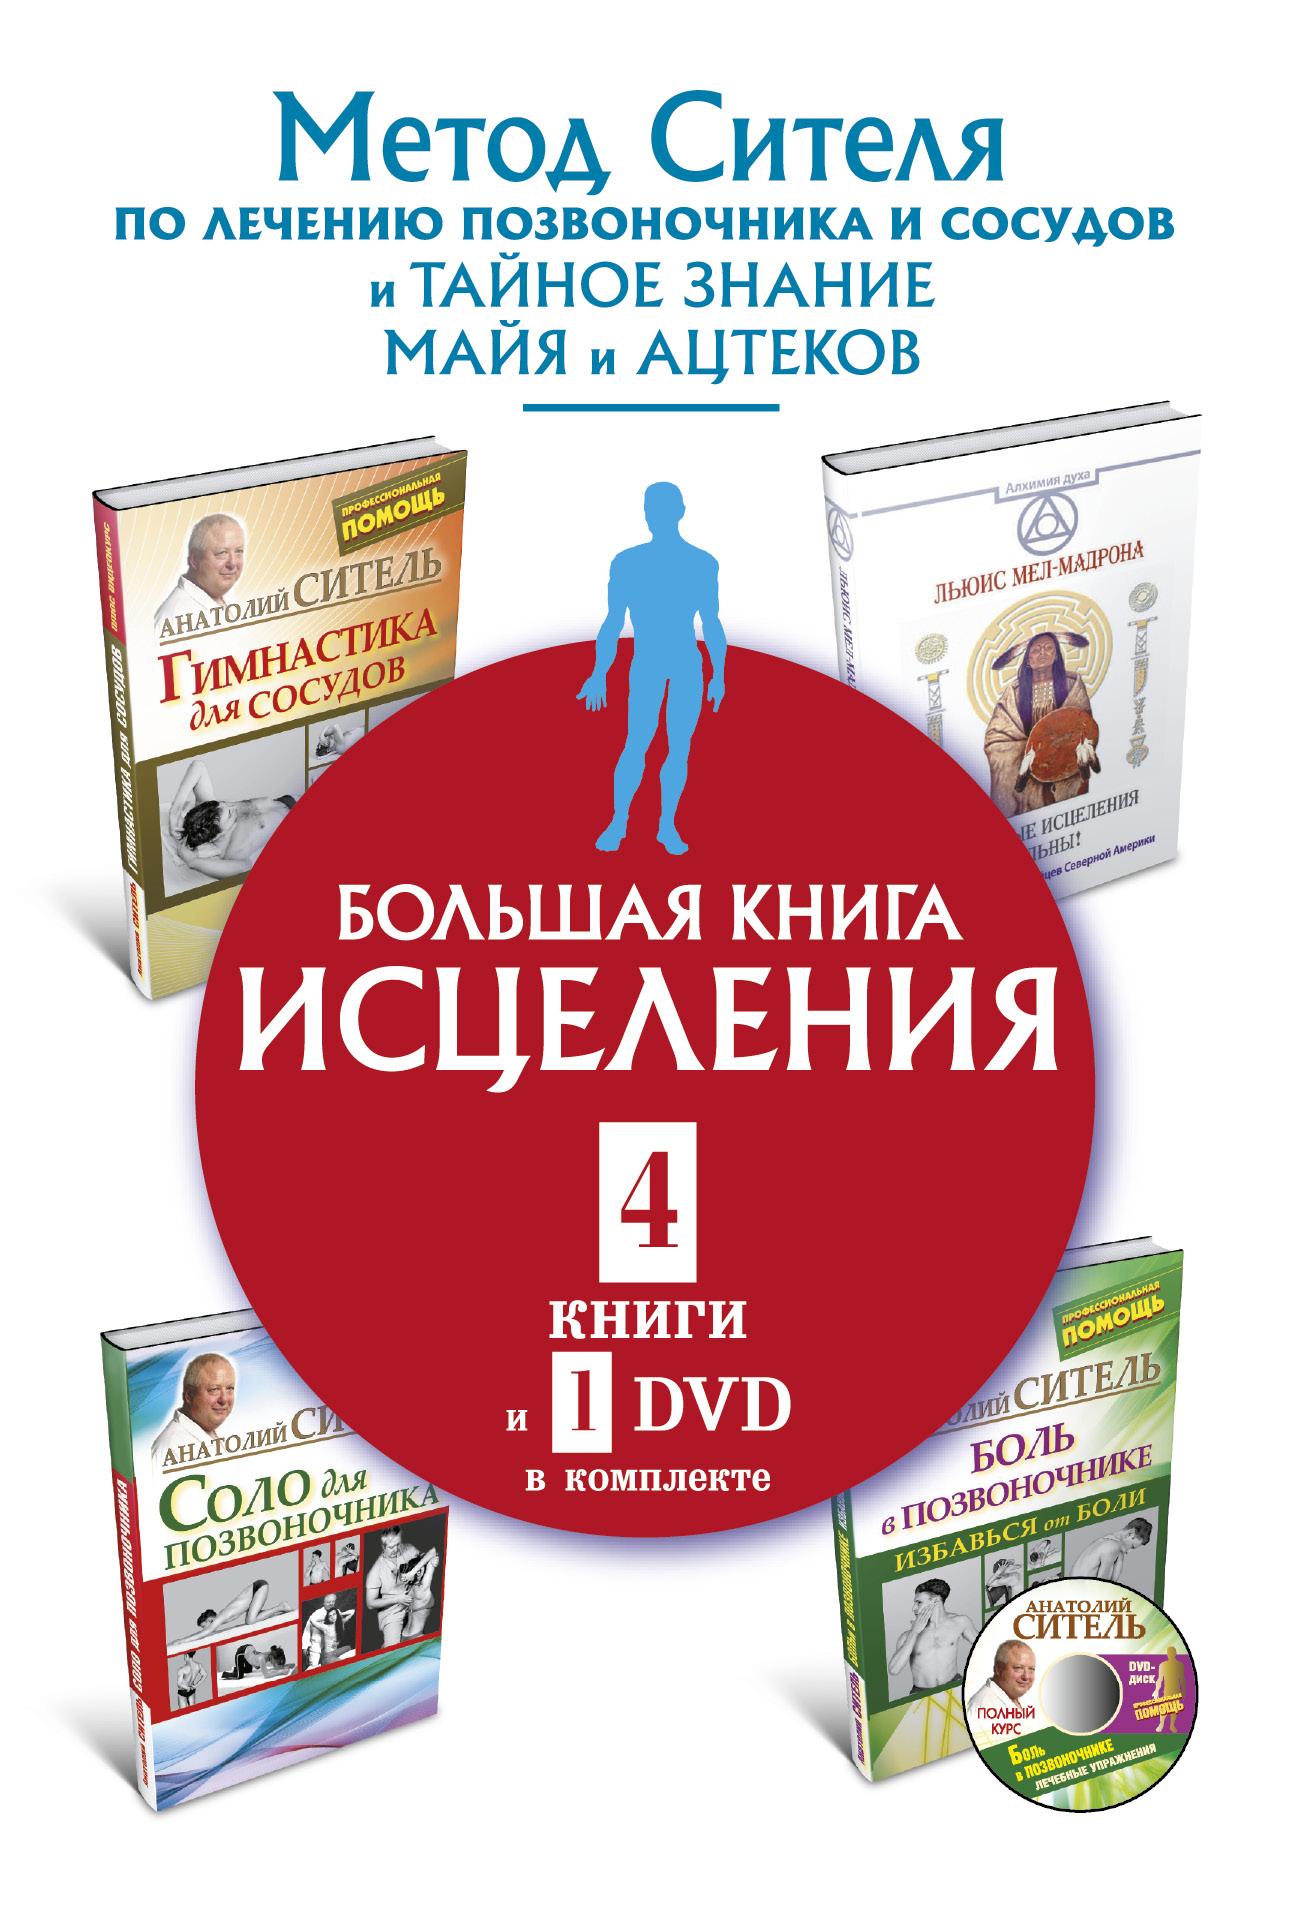 Ситель А.Б. Большая книга исцеления.4 книги и 1 DVD комплекте красавица и чудовище dvd книга